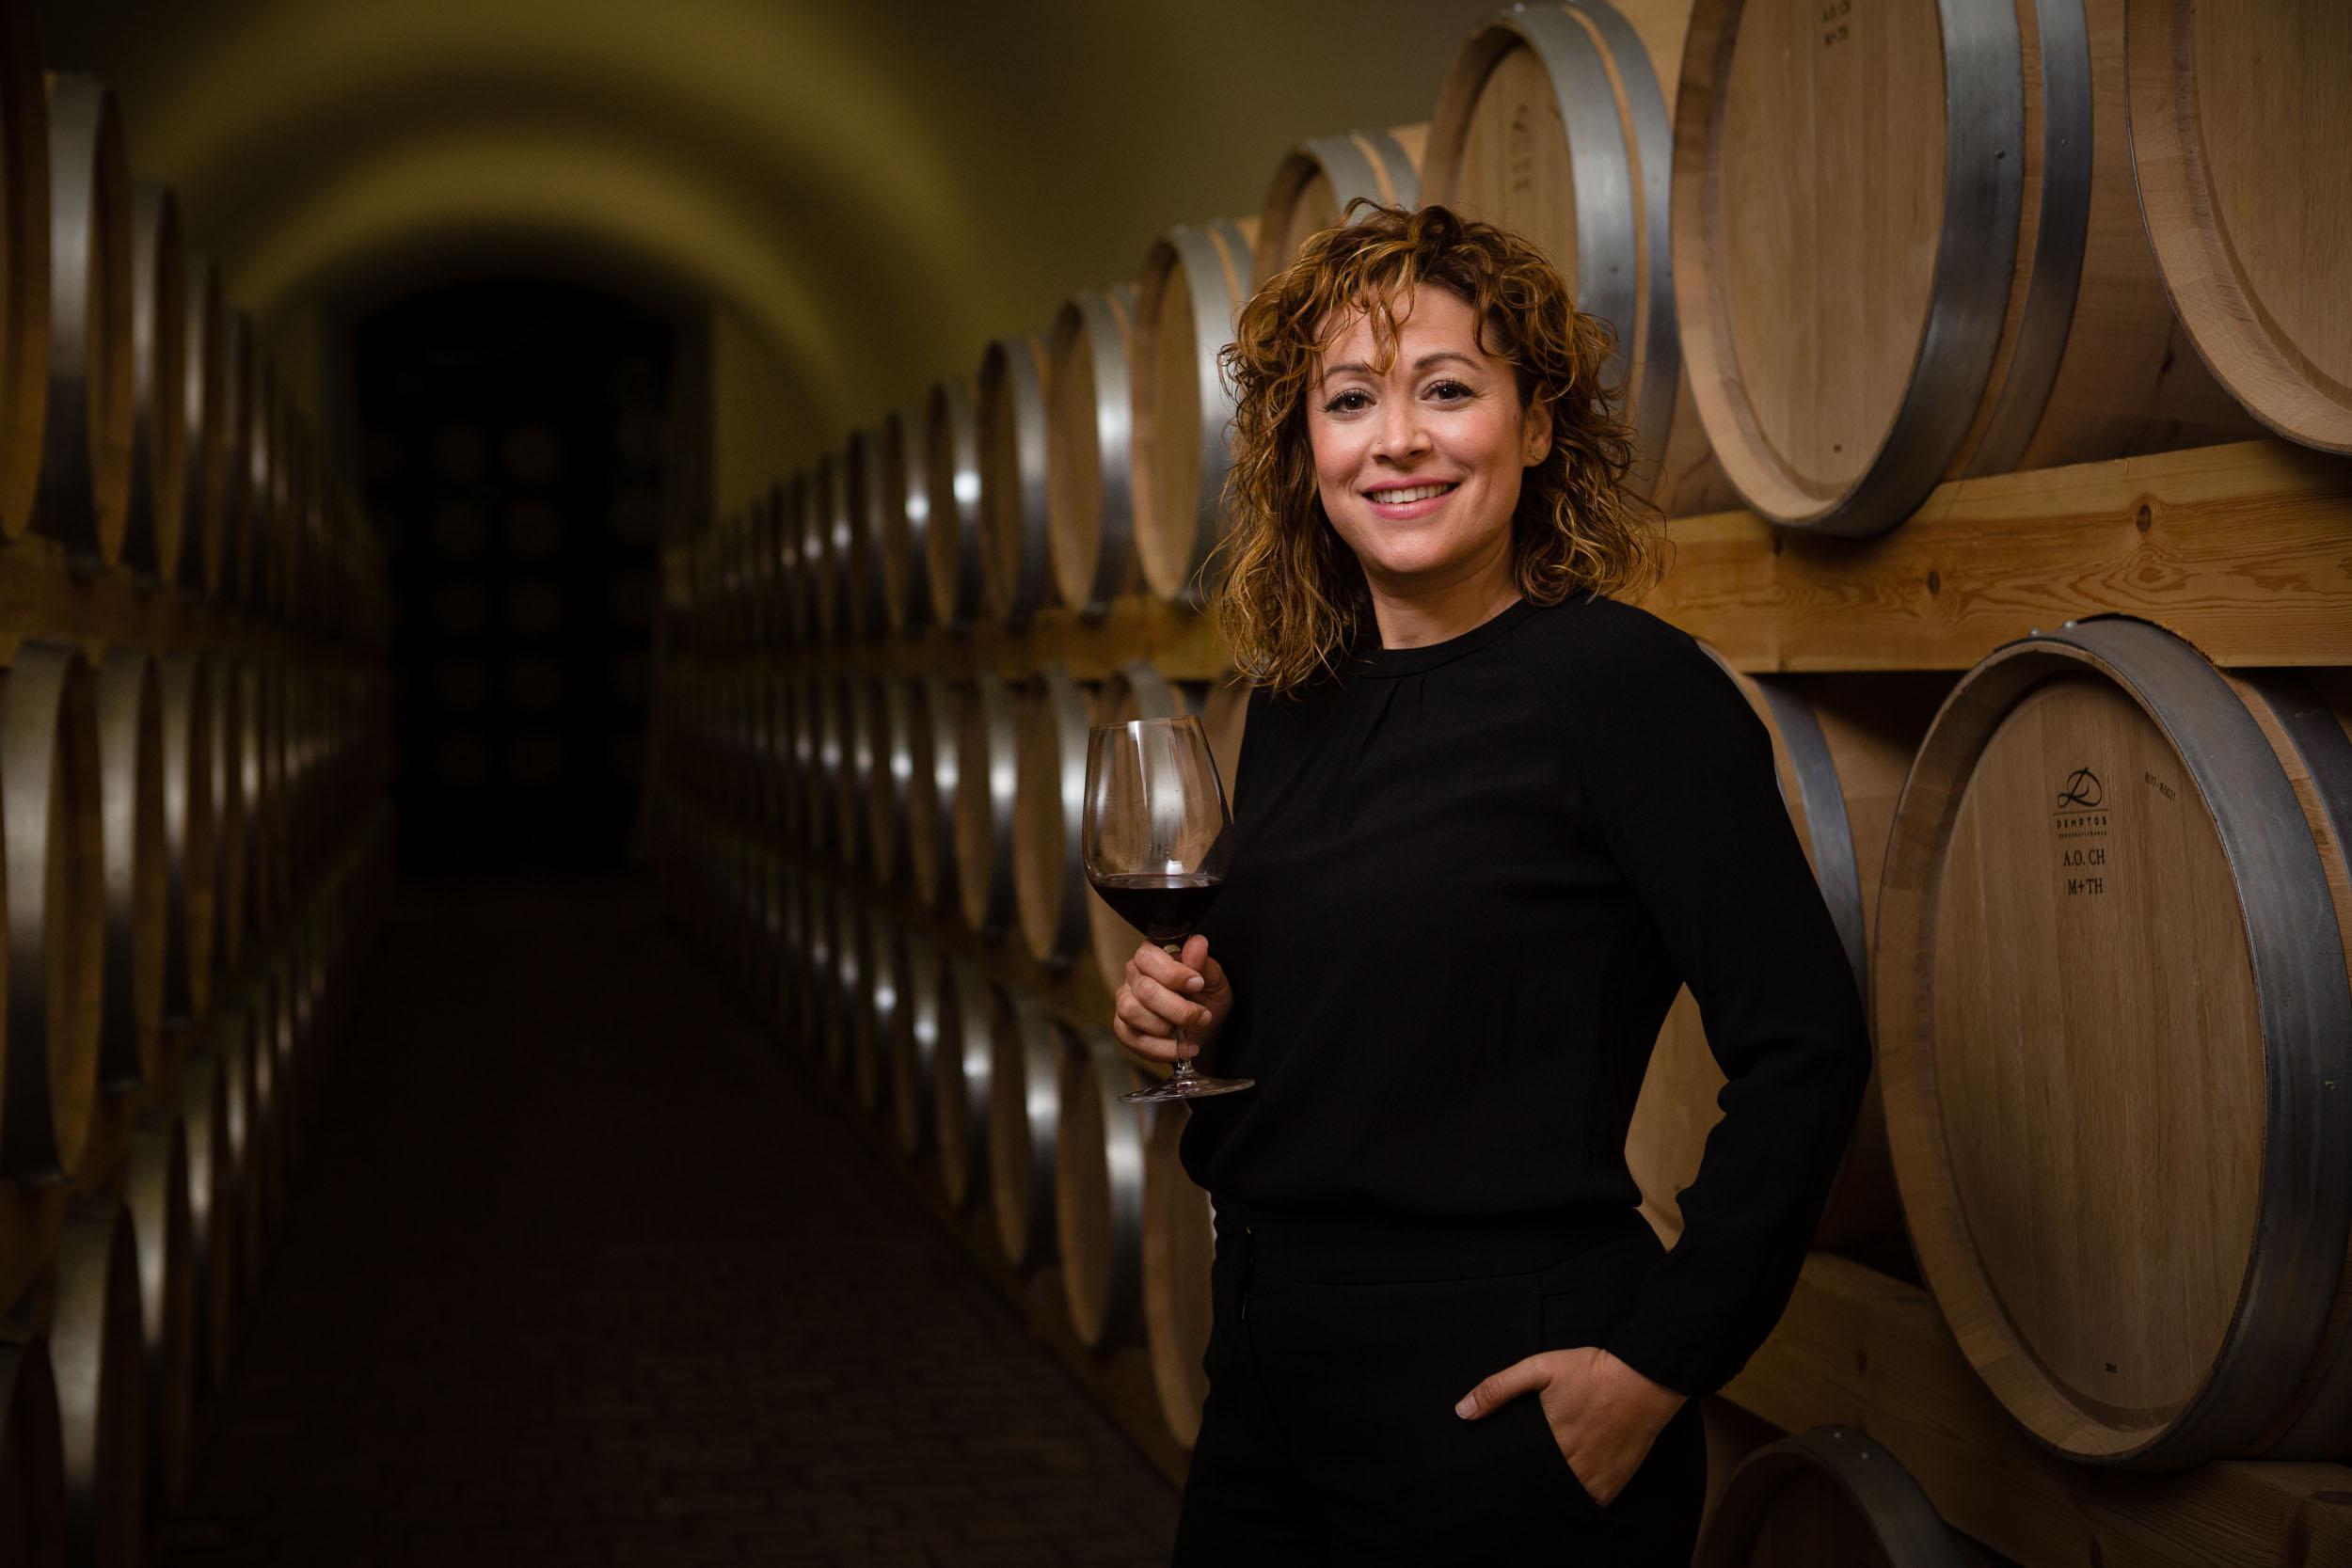 Fotografía de vino en Ribera del Duero - Bodegas Viña Major - James Sturcke   sturcke.org